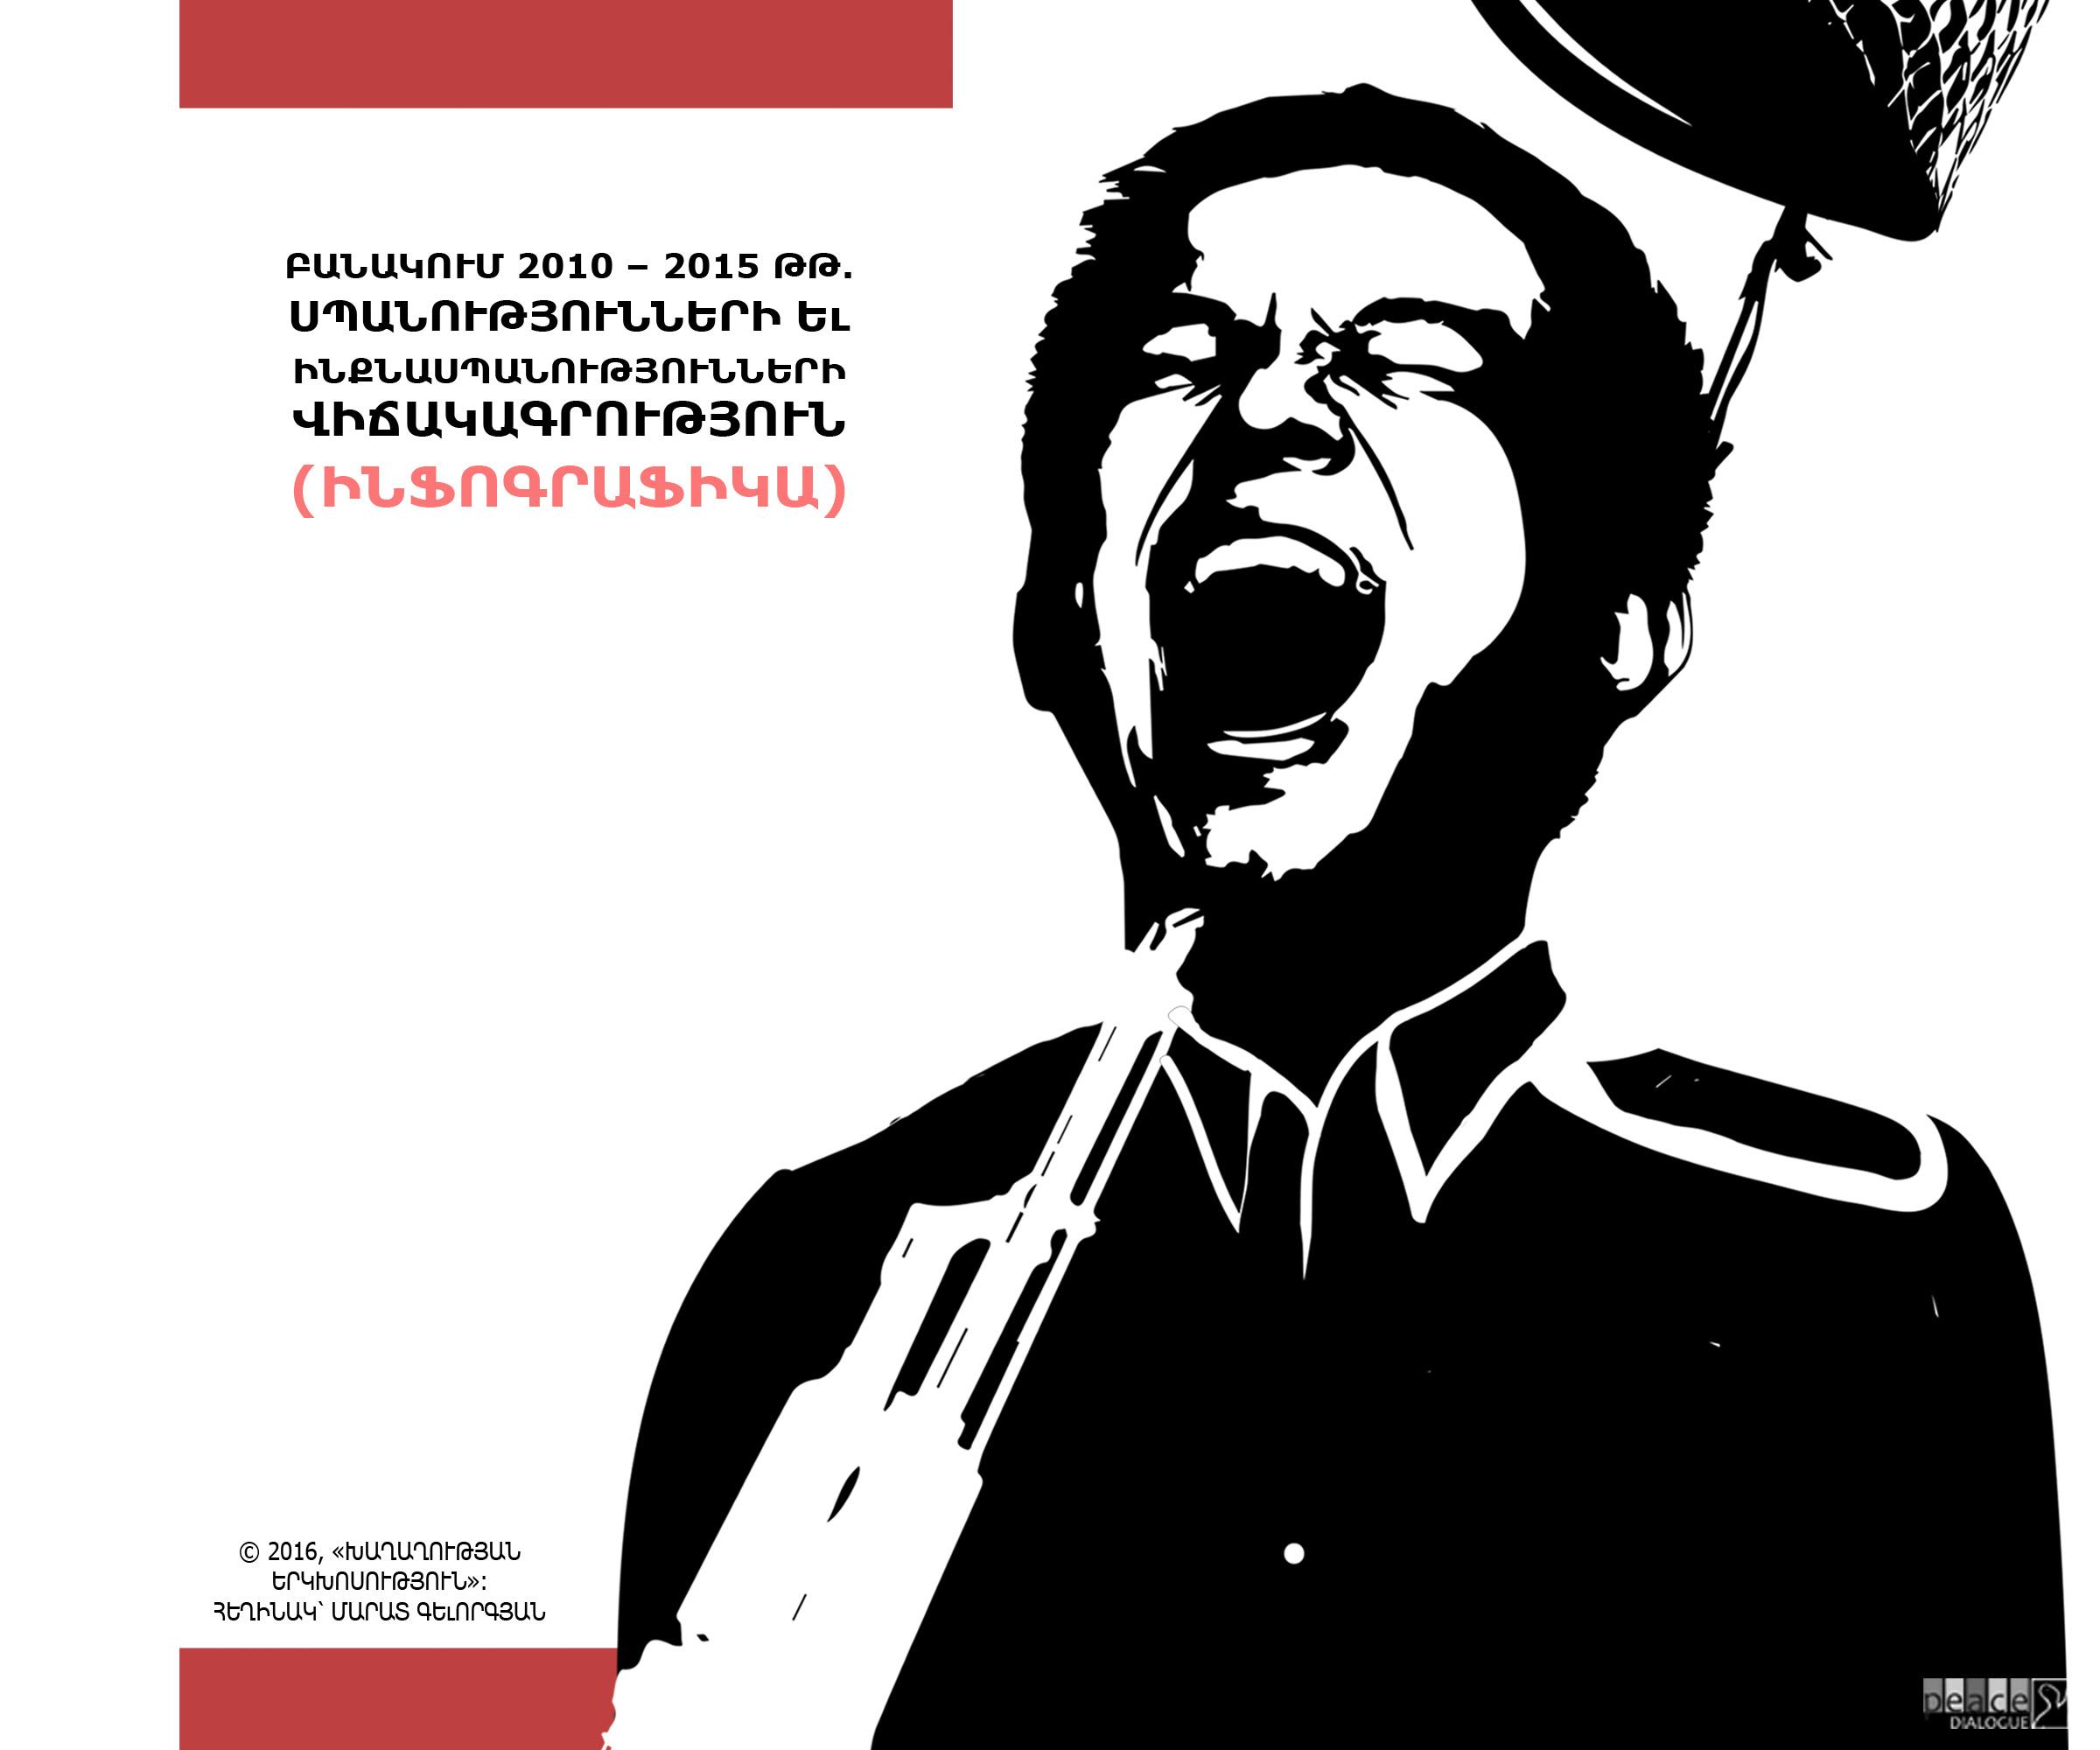 ԲԱՆԱԿՈՒՄ 2010 – 2015 Թ. ՄԱՀՎԱՆ ԵԼՔՈՎ ԴԺԲԱԽՏ ՊԱՏԱՀԱՐՆԵՐԻ ՎԻՃԱԿԱԳՐՈՒԹՅՈՒՆ (ԻՆՖՈԳՐԱՖԻԿԱ)